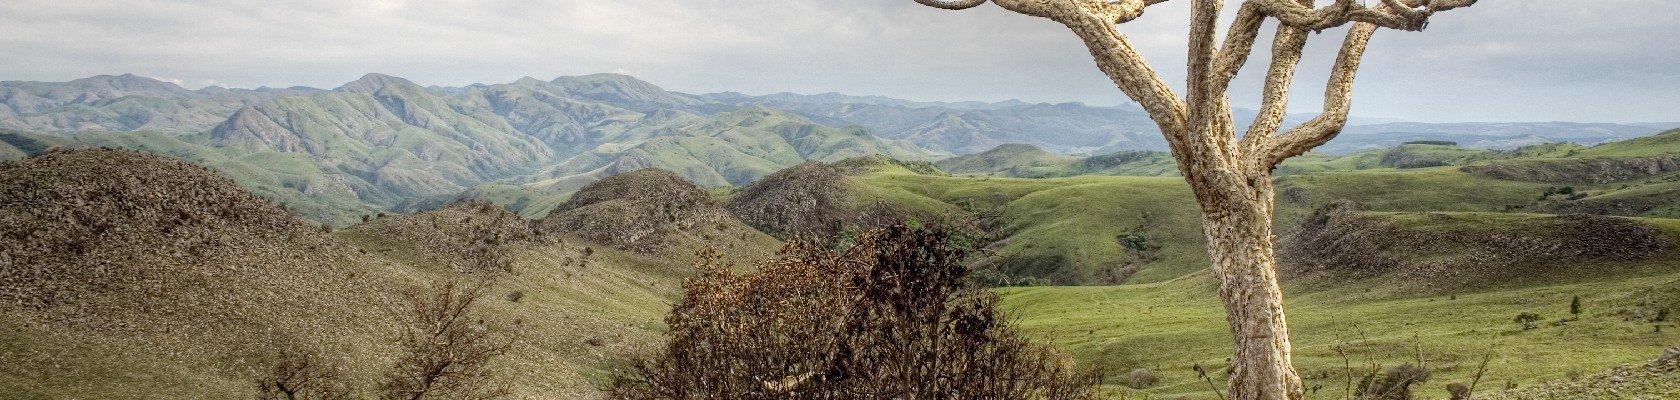 Mlilwane, Swaziland